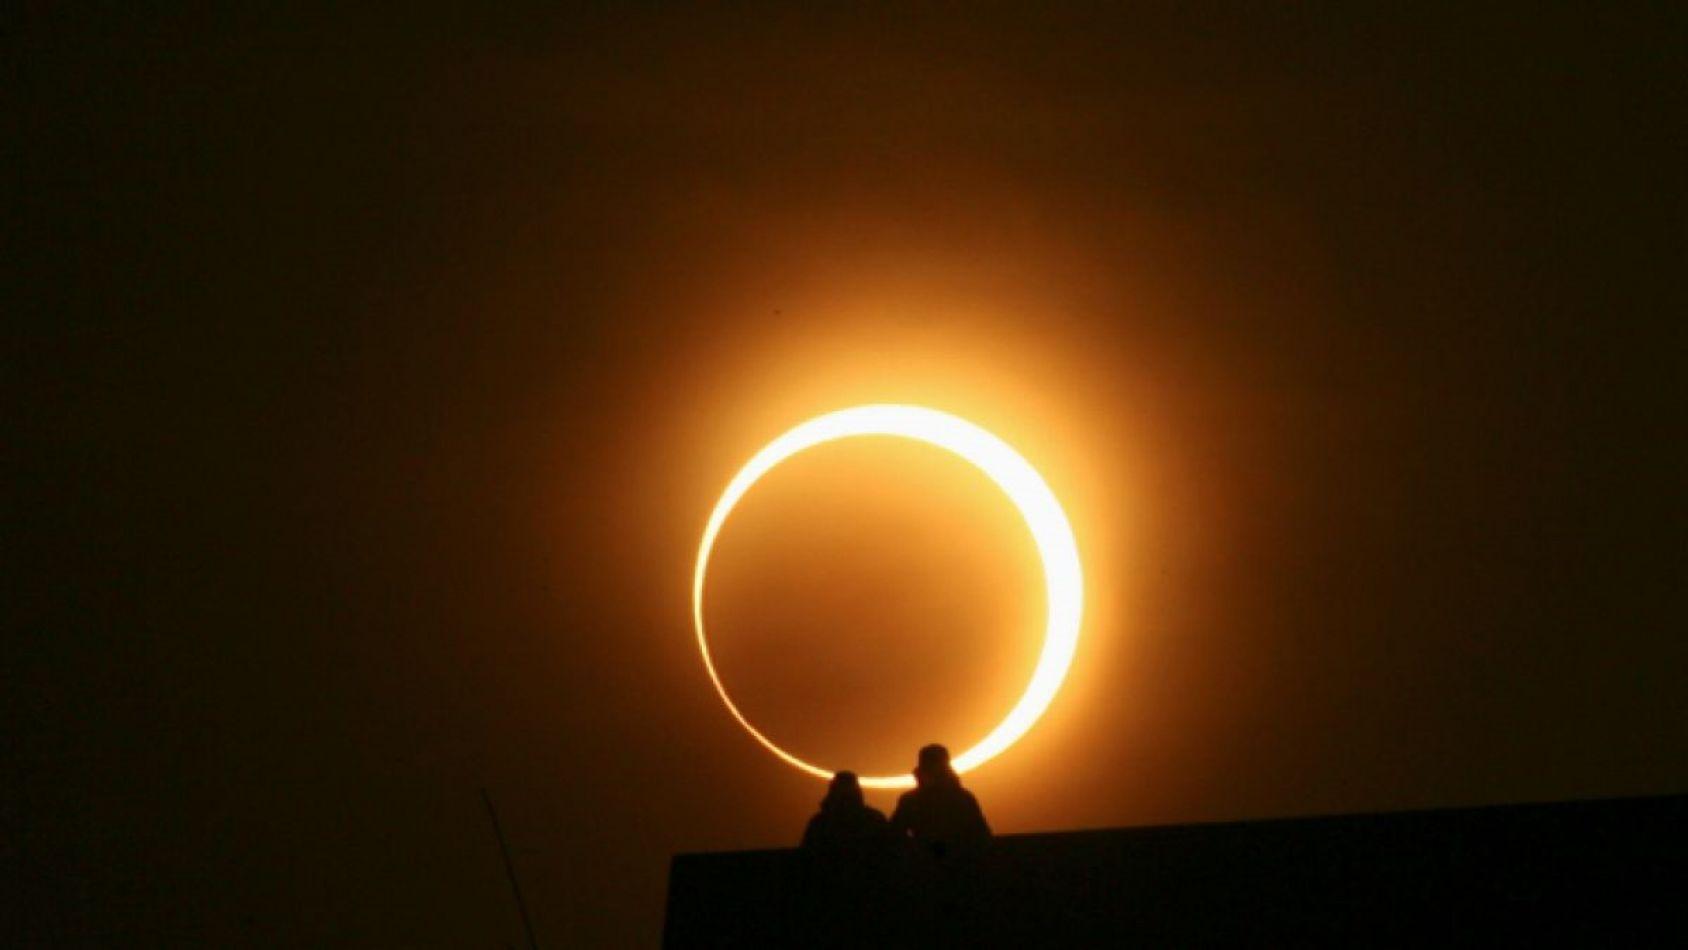 El 2 de julio habrá un eclipse total de sol